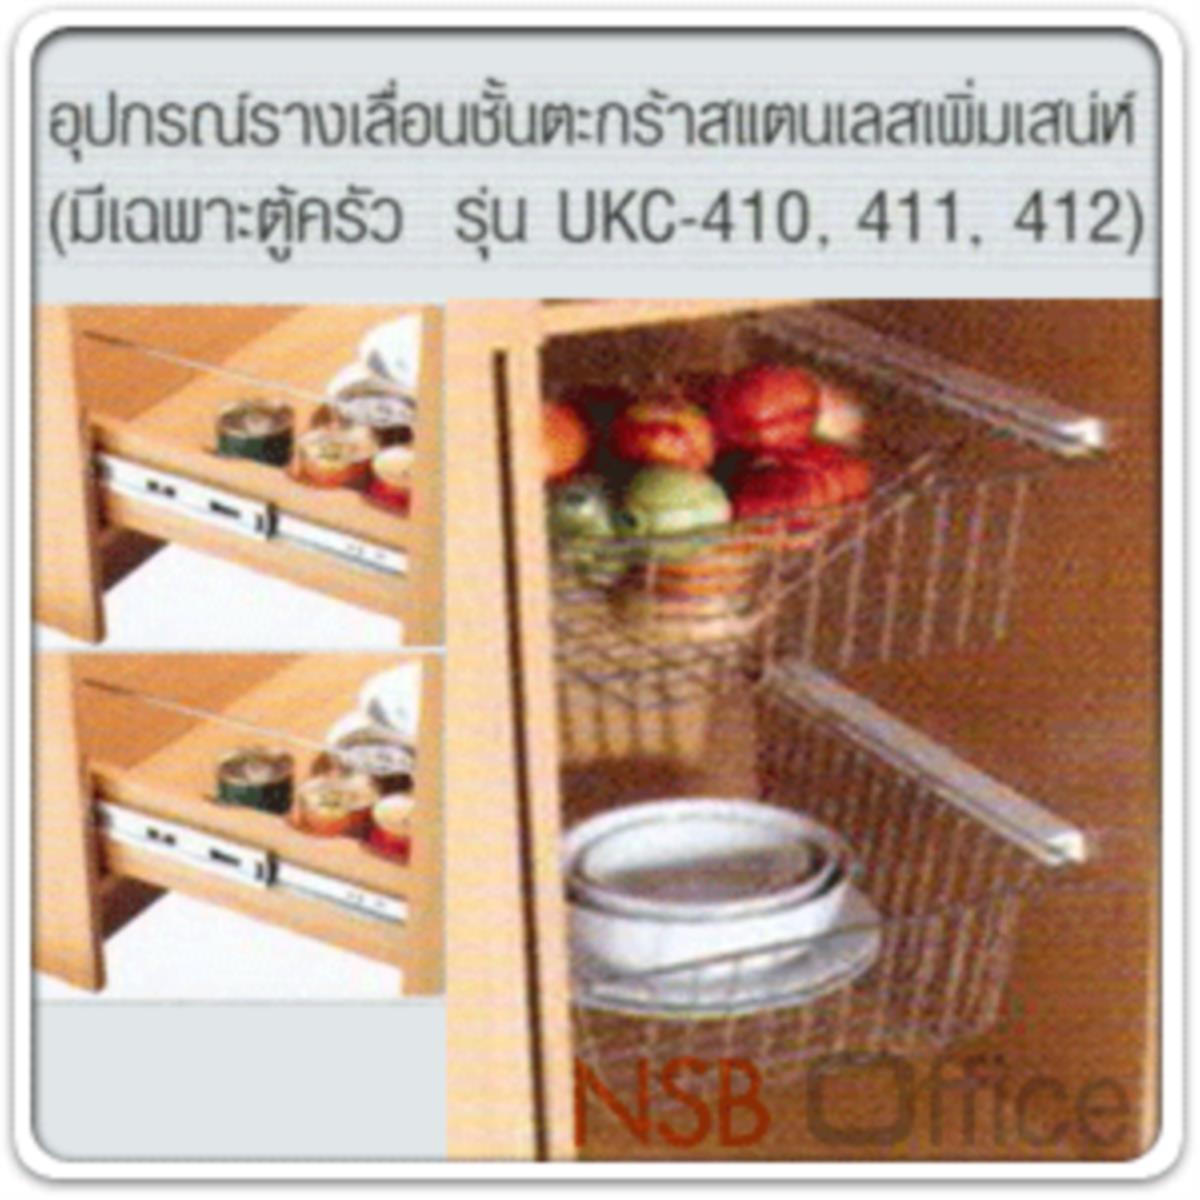 ชุดตู้ครัวสูงหน้าเรียบ ER-0118,ER-0114  พร้อมตู้ลอย